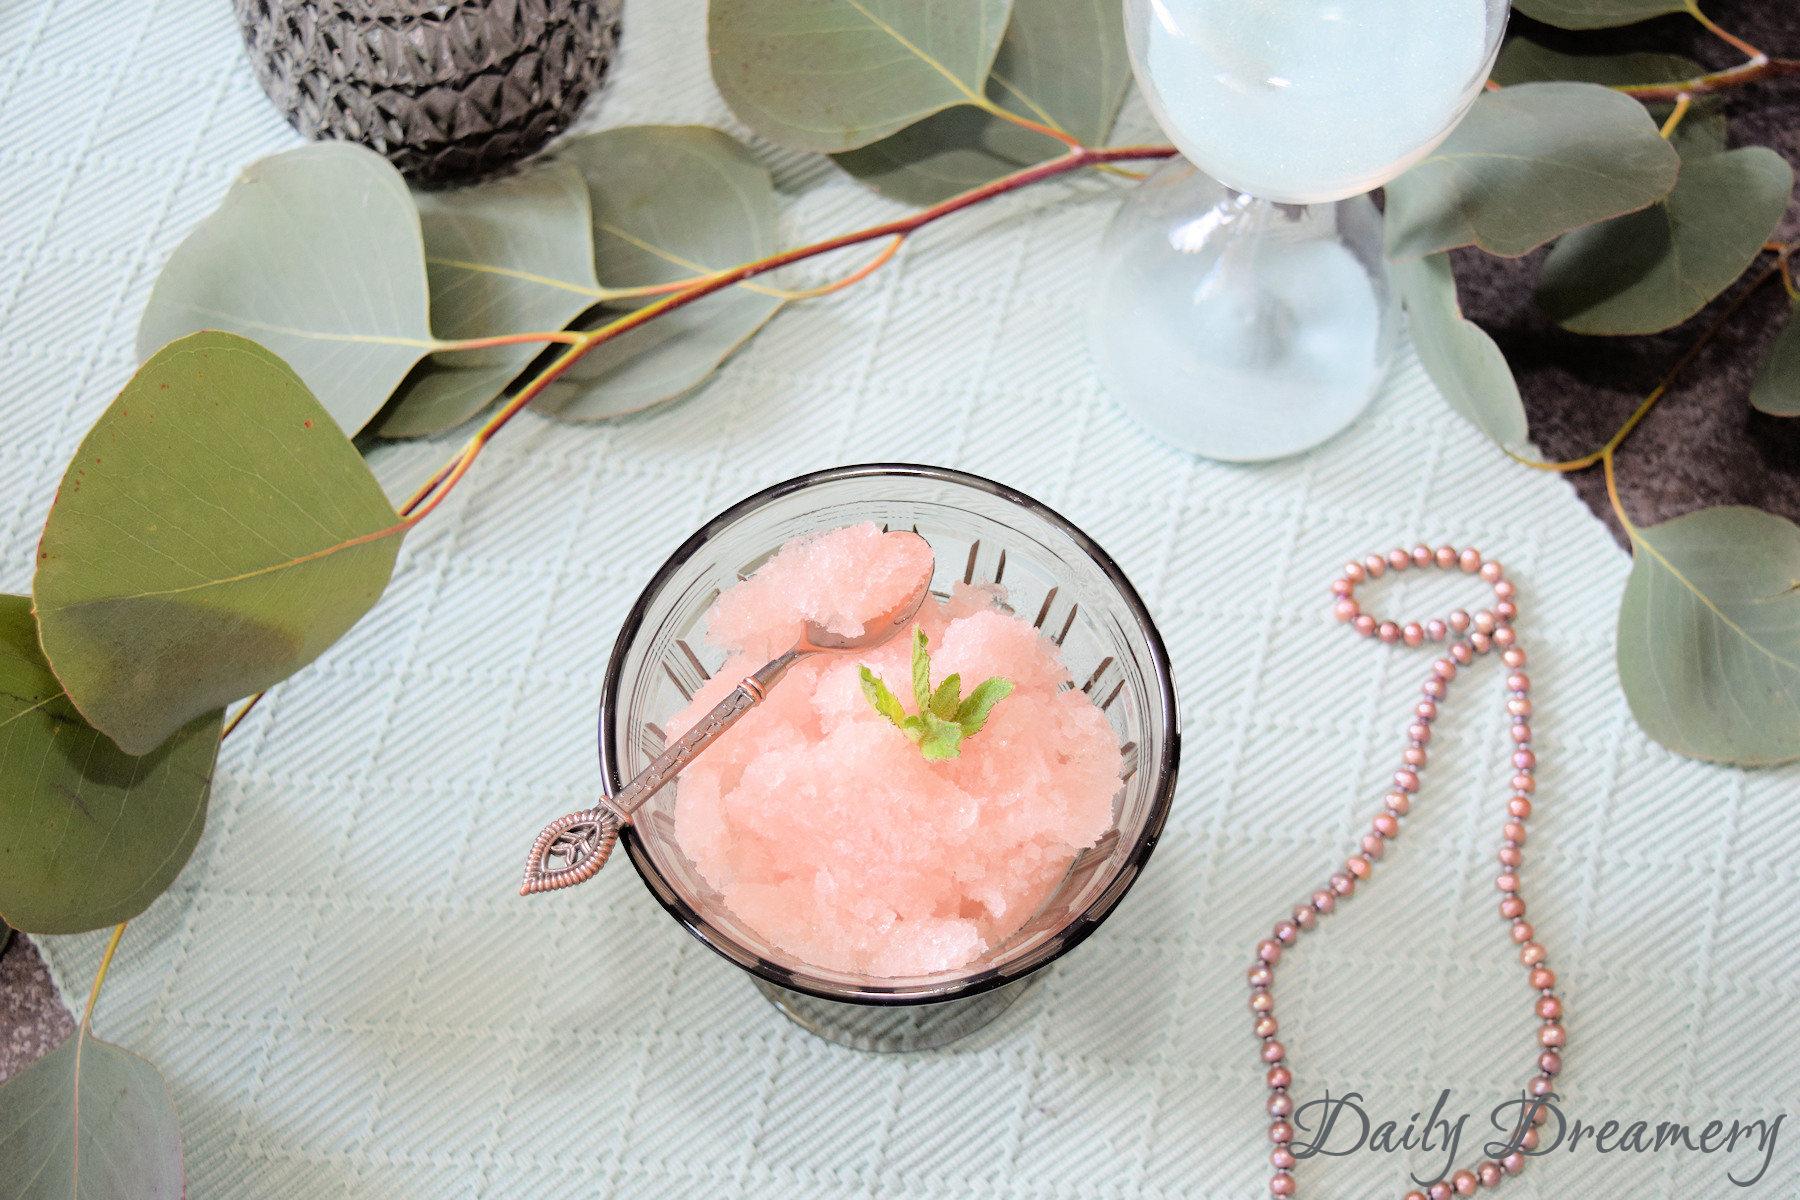 Rhabarber-Granita - dezent säuerliches. fruchtiges Wassereis ganz ohne Eismaschine #vegan #rhabarber #rhubarb #sweets #eis